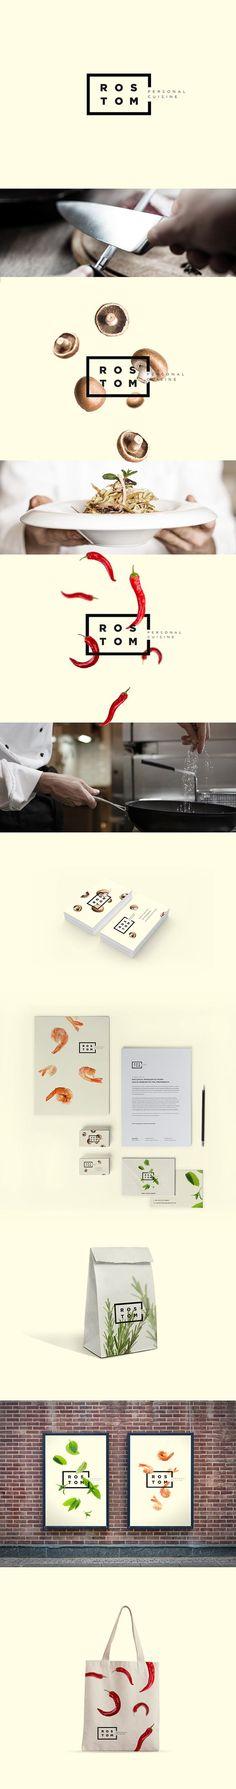 Rostom Branding on Behance | Fivestar Branding – Design and Branding Agency & Inspiration Gallery